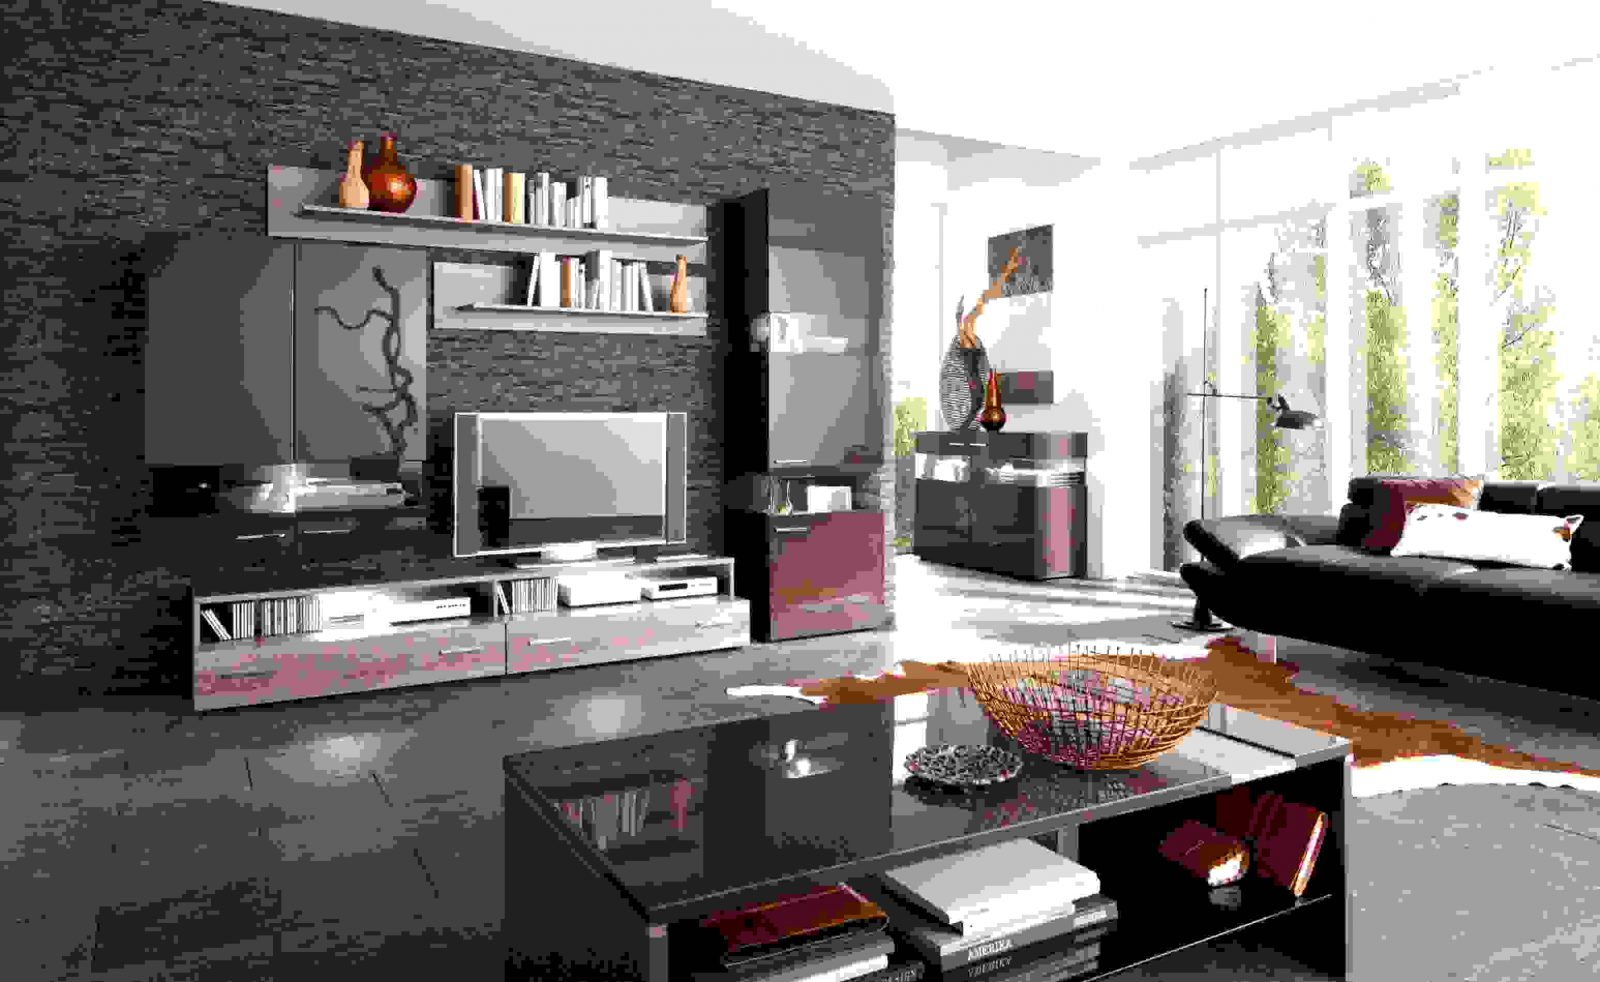 Ideen Fur Ein Wohnzimmer Von Wie Gestalte Ich Mein Wohnzimmer Design von Wie Gestalte Ich Mein Wohnzimmer Photo